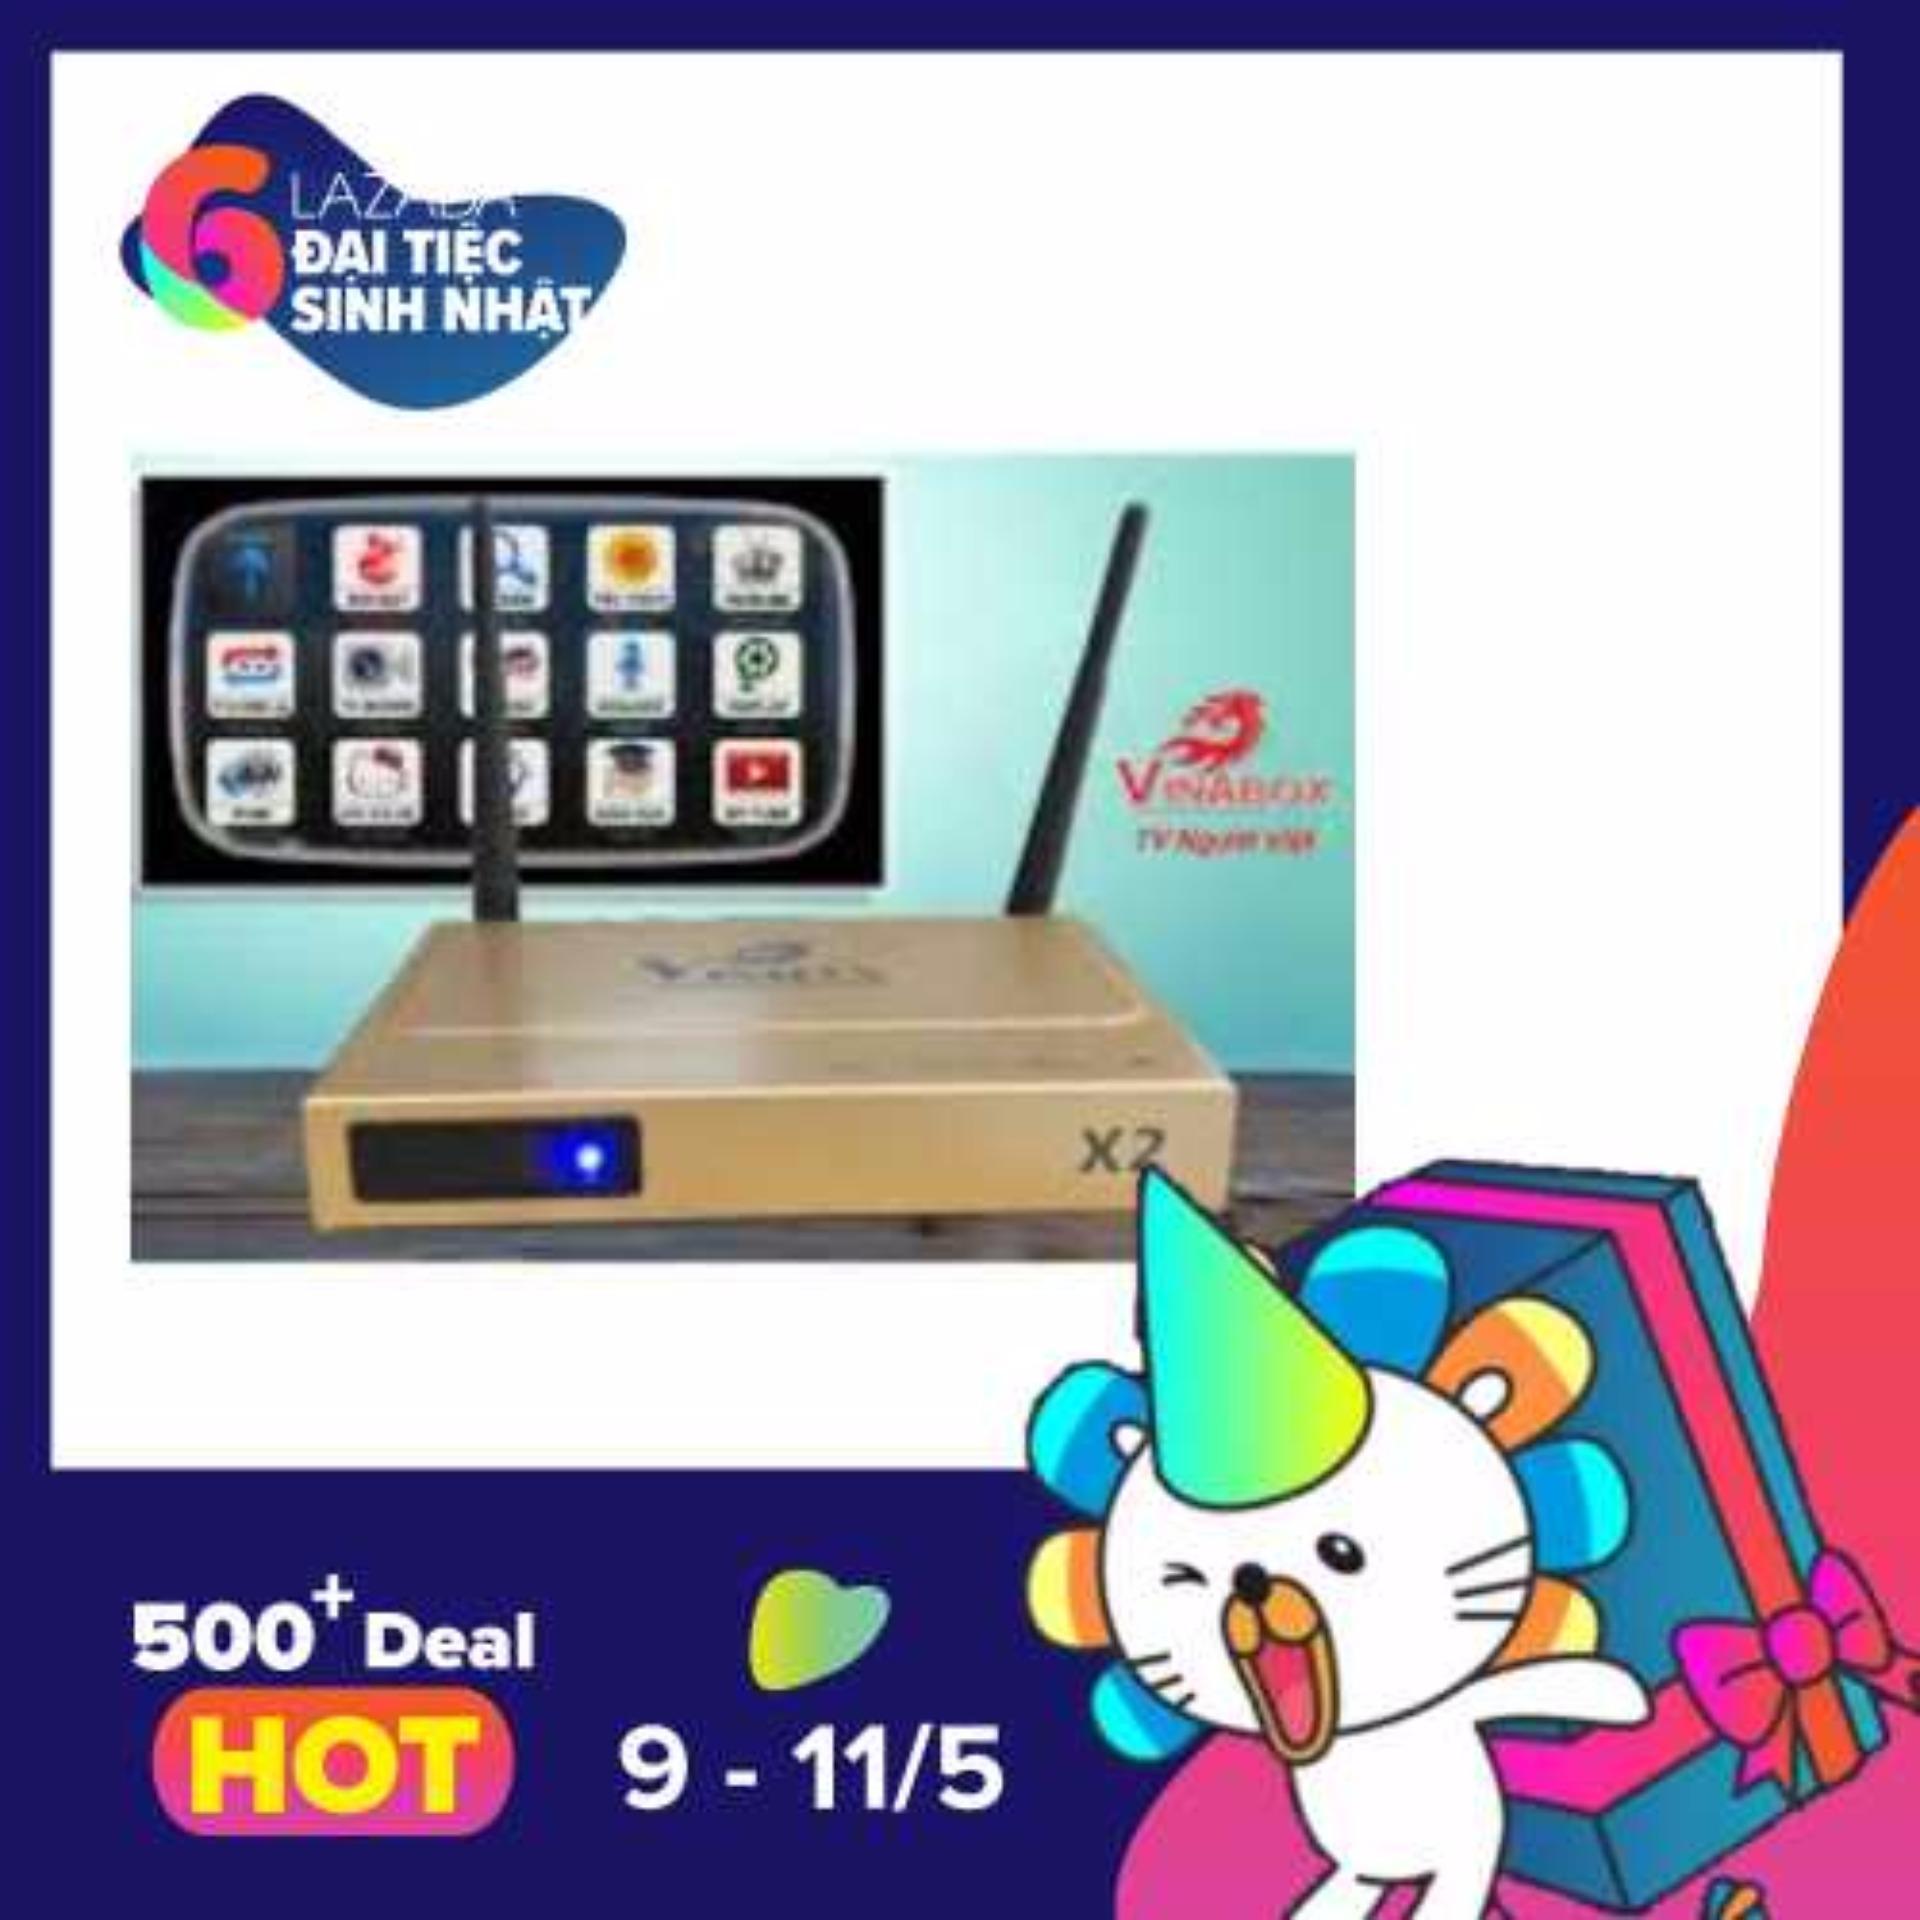 Bán Android Tv Box Vinabox X2 Hang Cong Ty Loi Tứ Ram 1G Nhập Khẩu